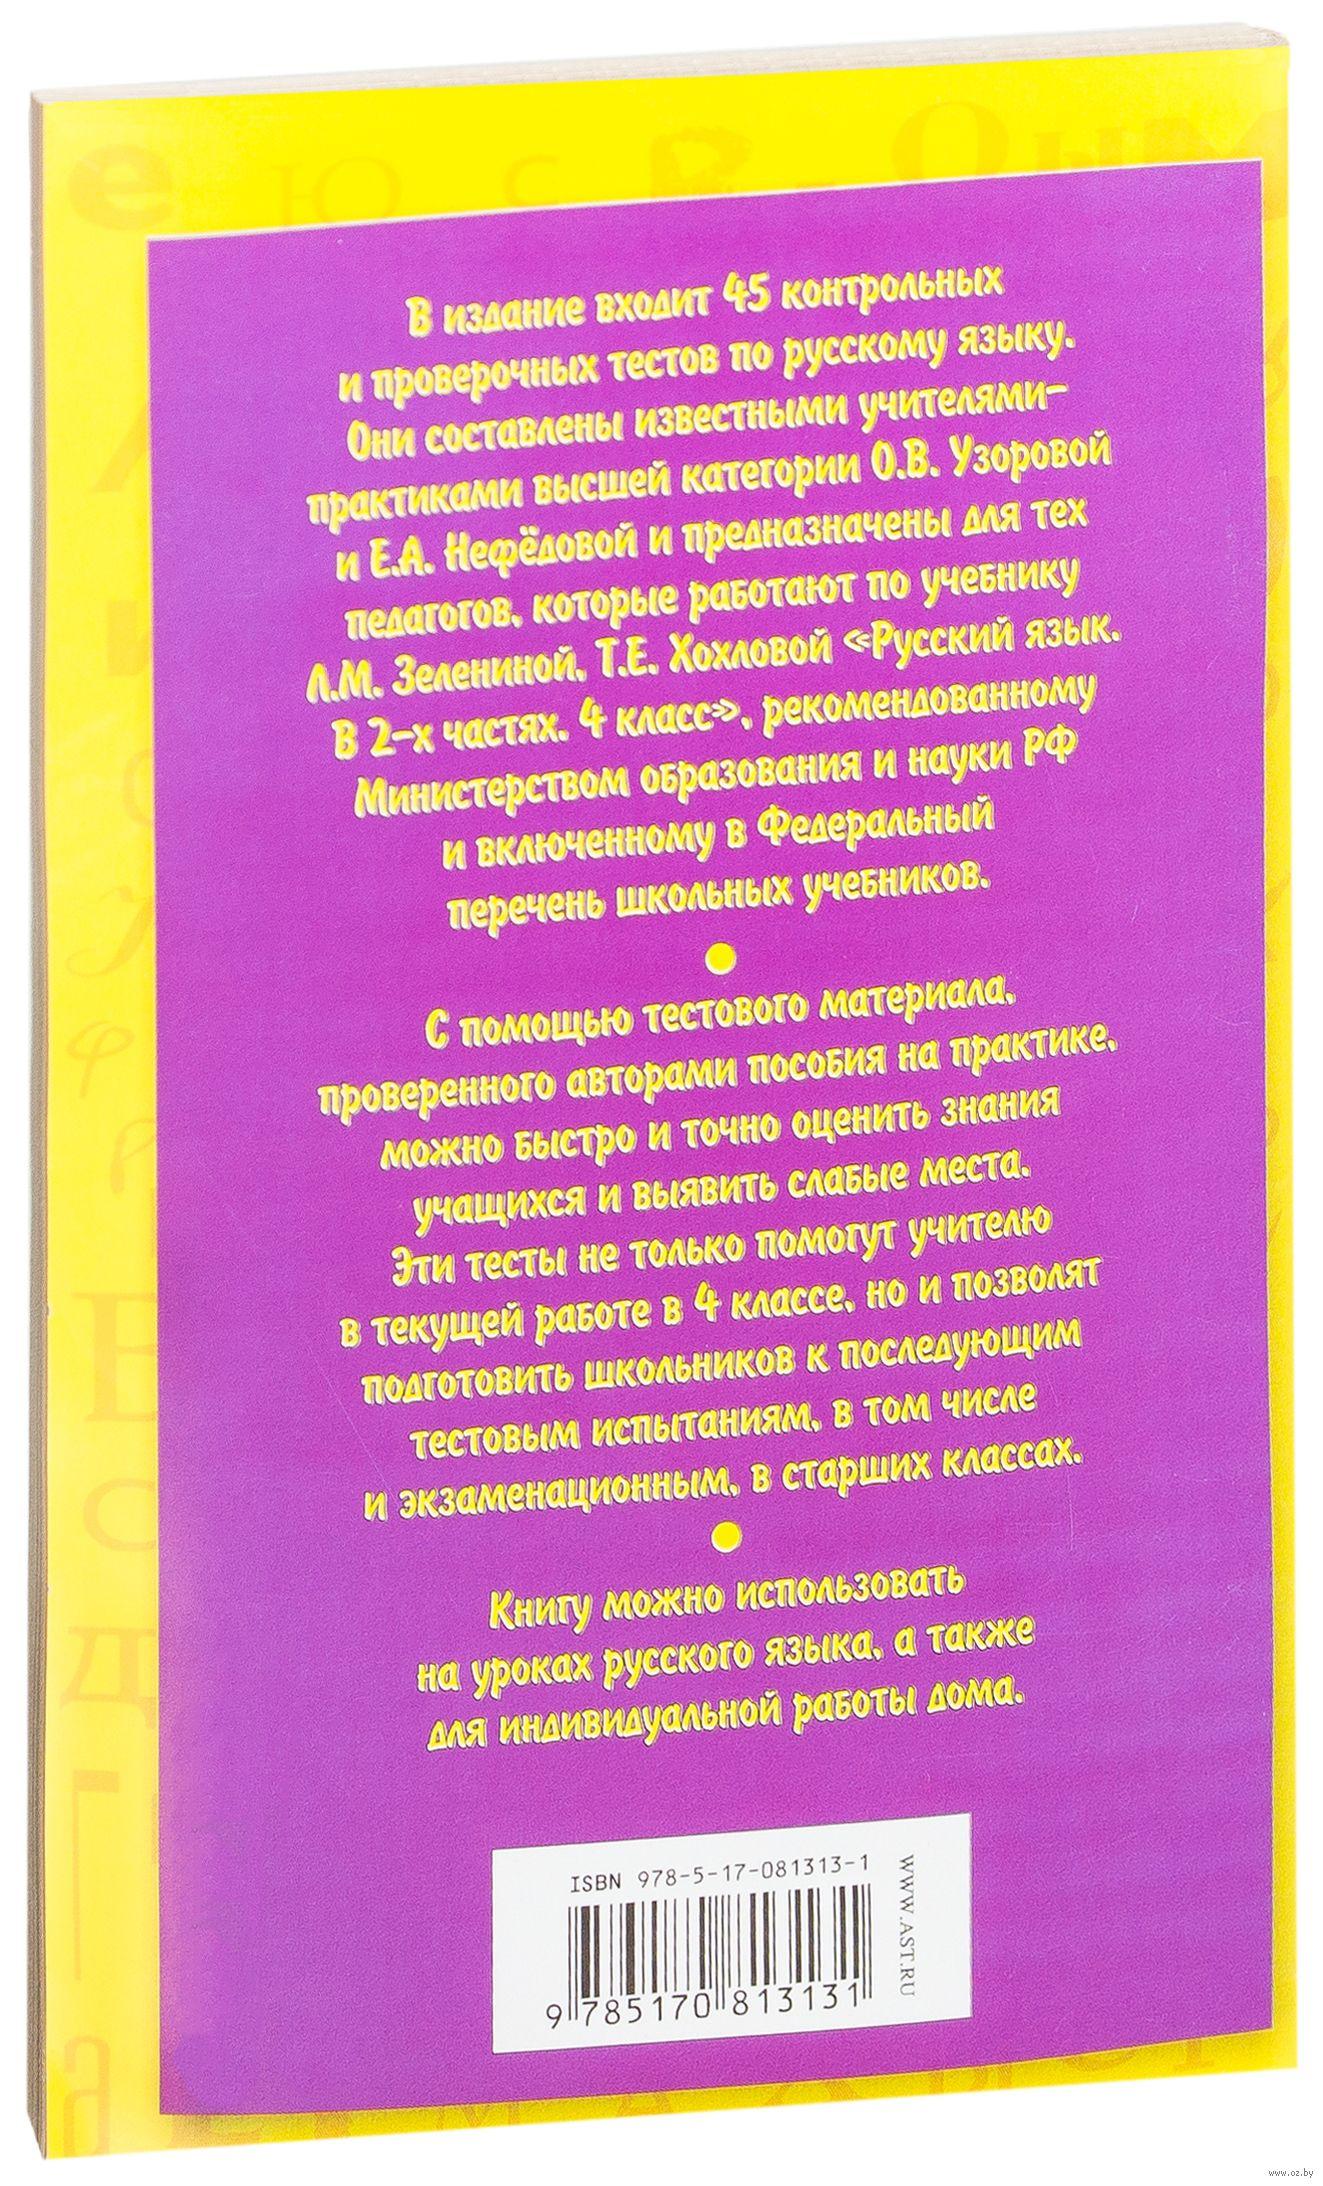 testi-po-russkomu-yaziku-4-klass-k-uchebnik-hohlova-2013